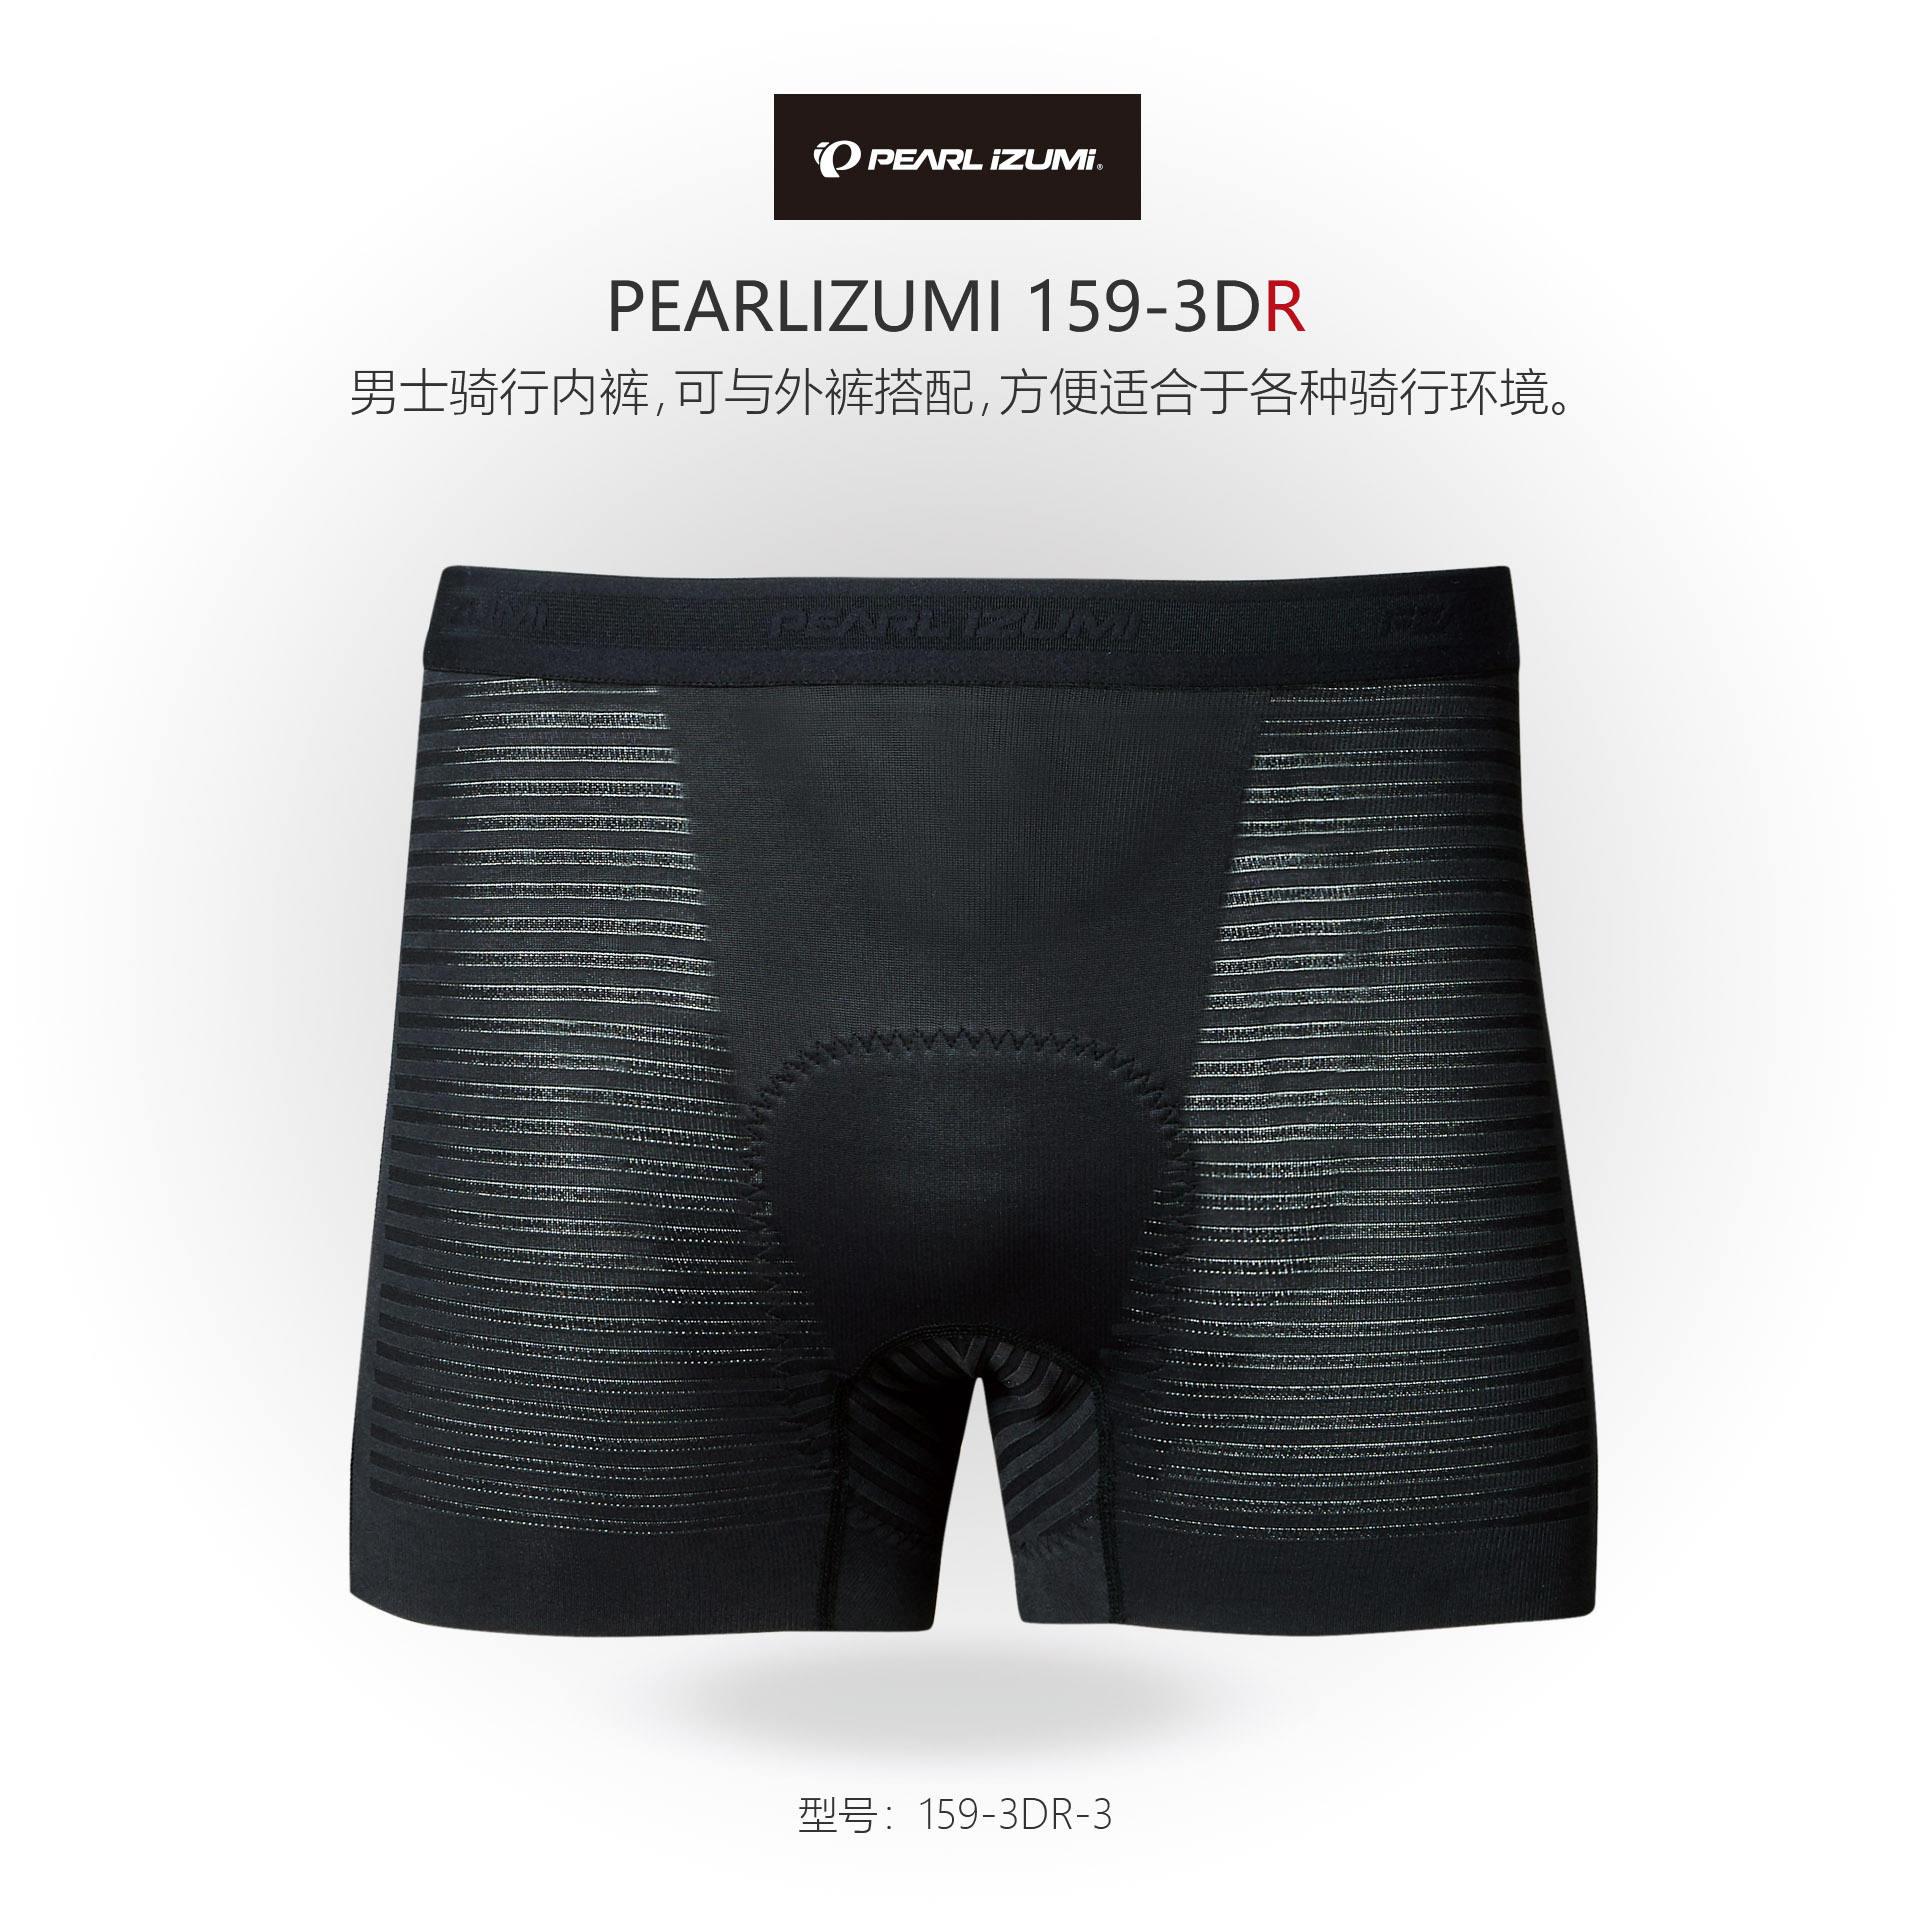 日本PEARLIZUMI一字米159-3DR骑行短裤骑行内裤